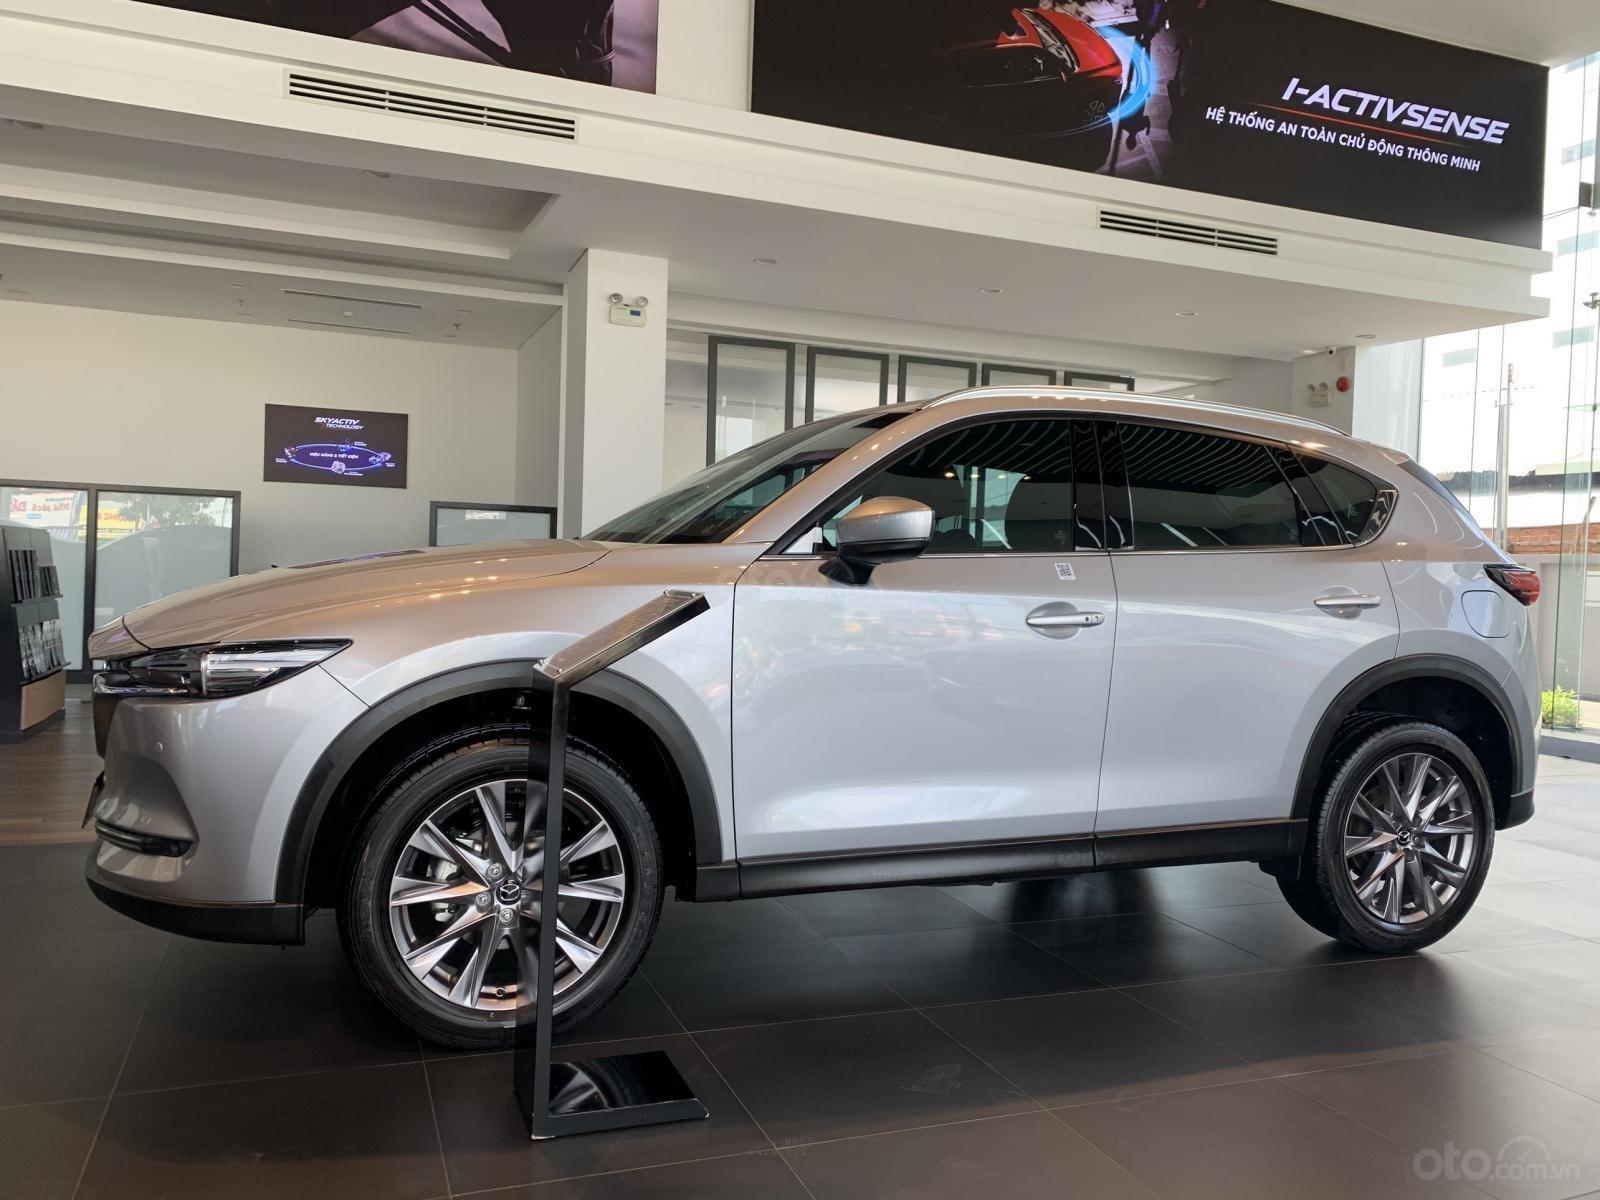 New Mazda CX-5 Premium NO-A - Ưu đãi 140 triệu + giảm 5% TTB + tặng BHVC xe+ gói phụ kiện chính hãng (8)